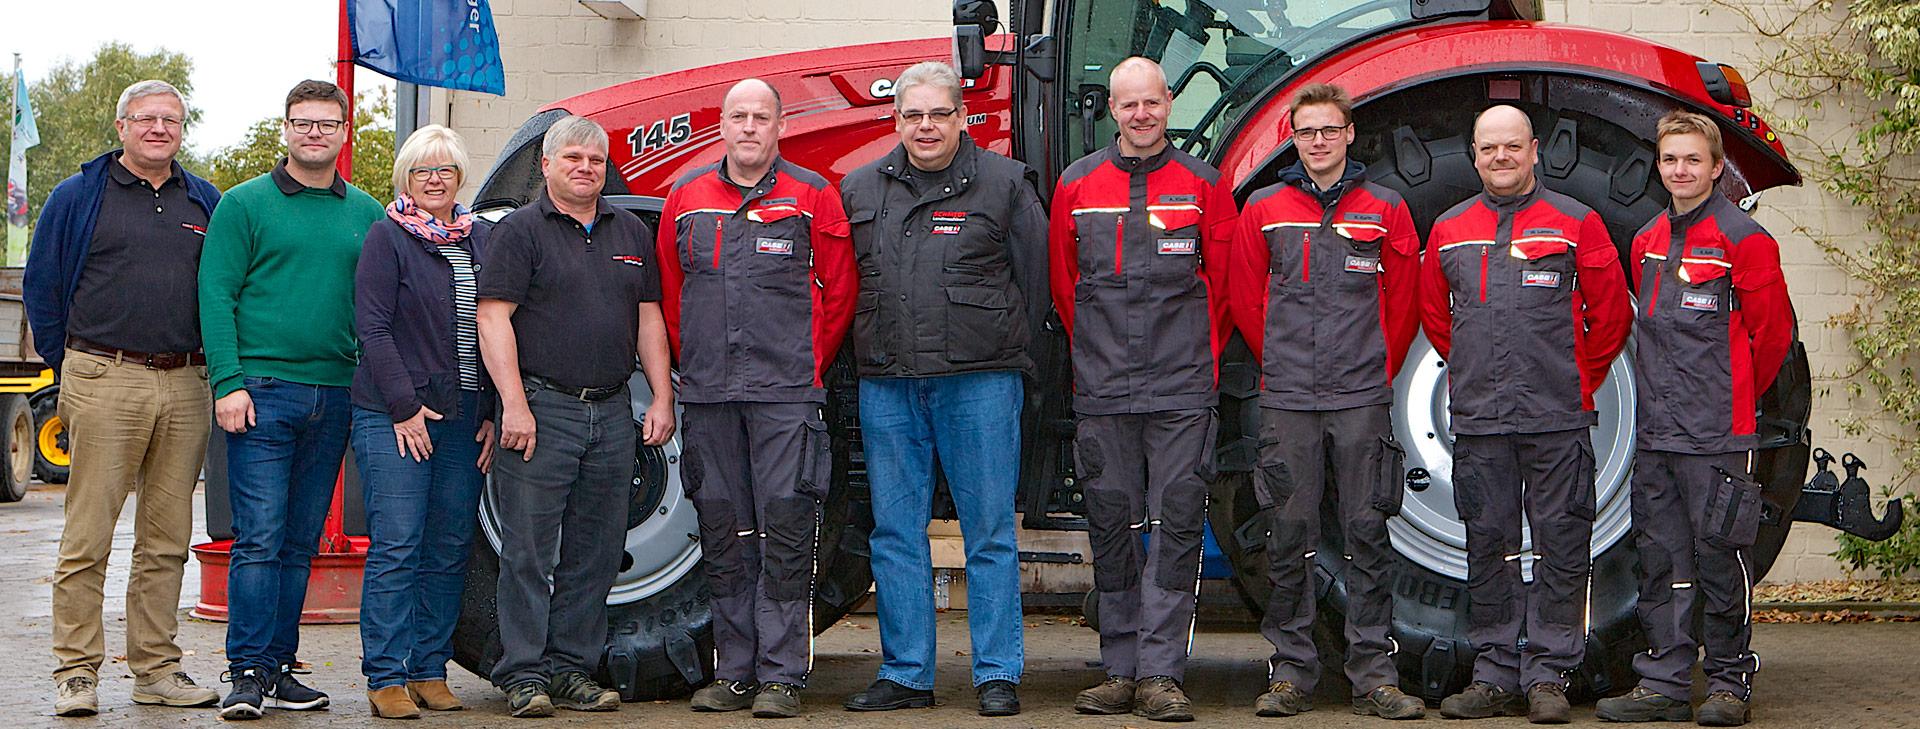 Schmidt Landmaschinen Steimke - das Team